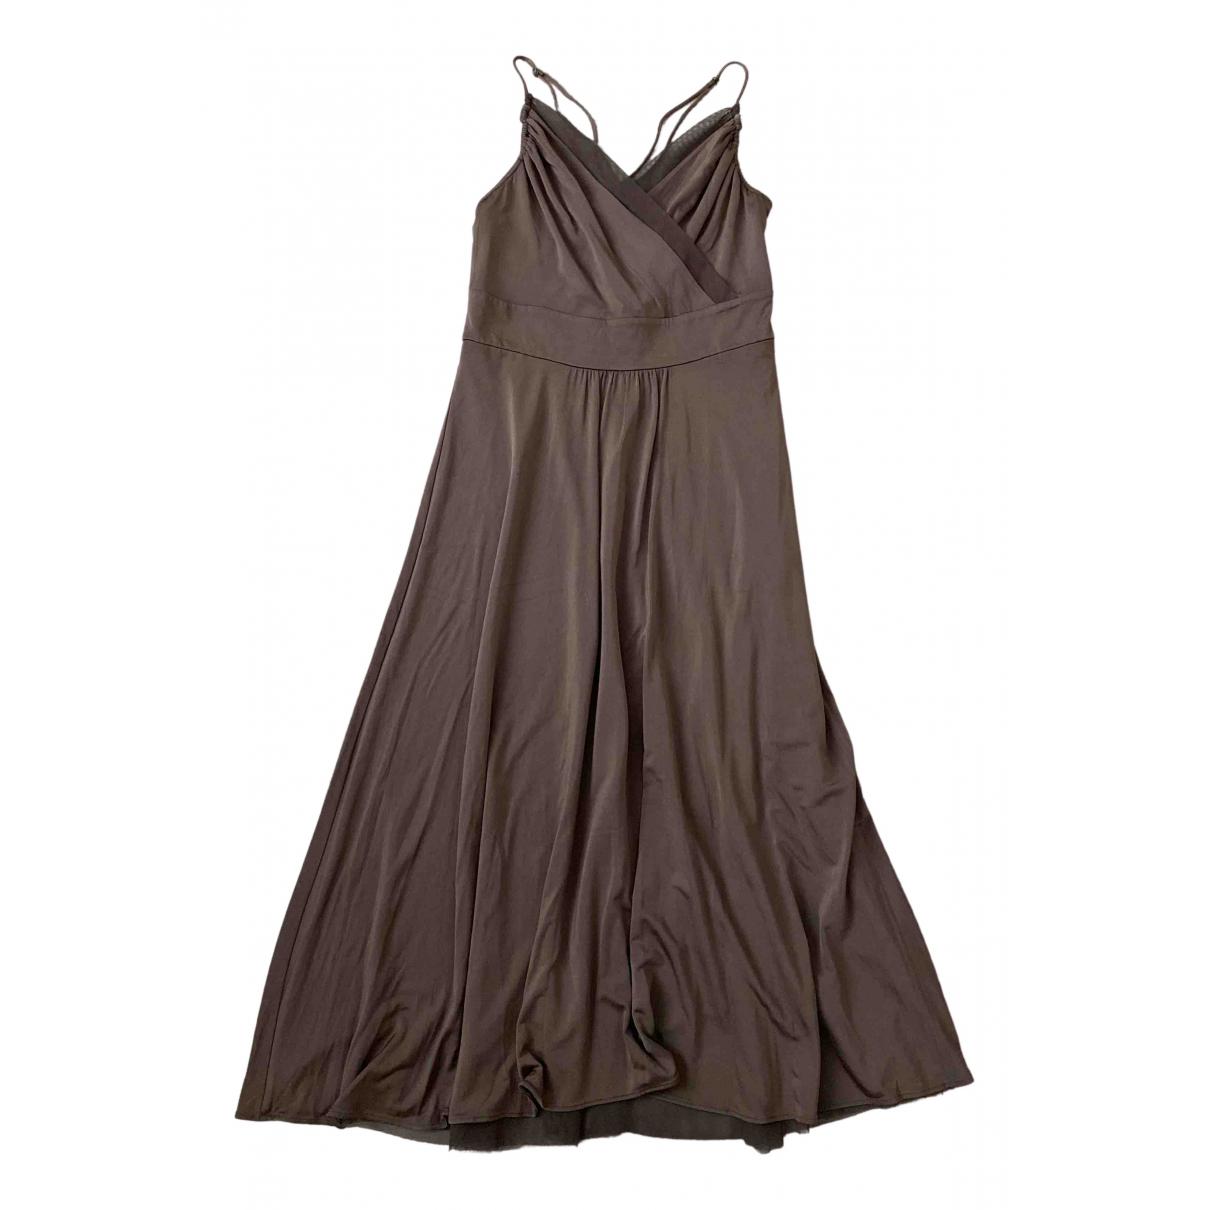 Theory - Robe   pour femme - marron